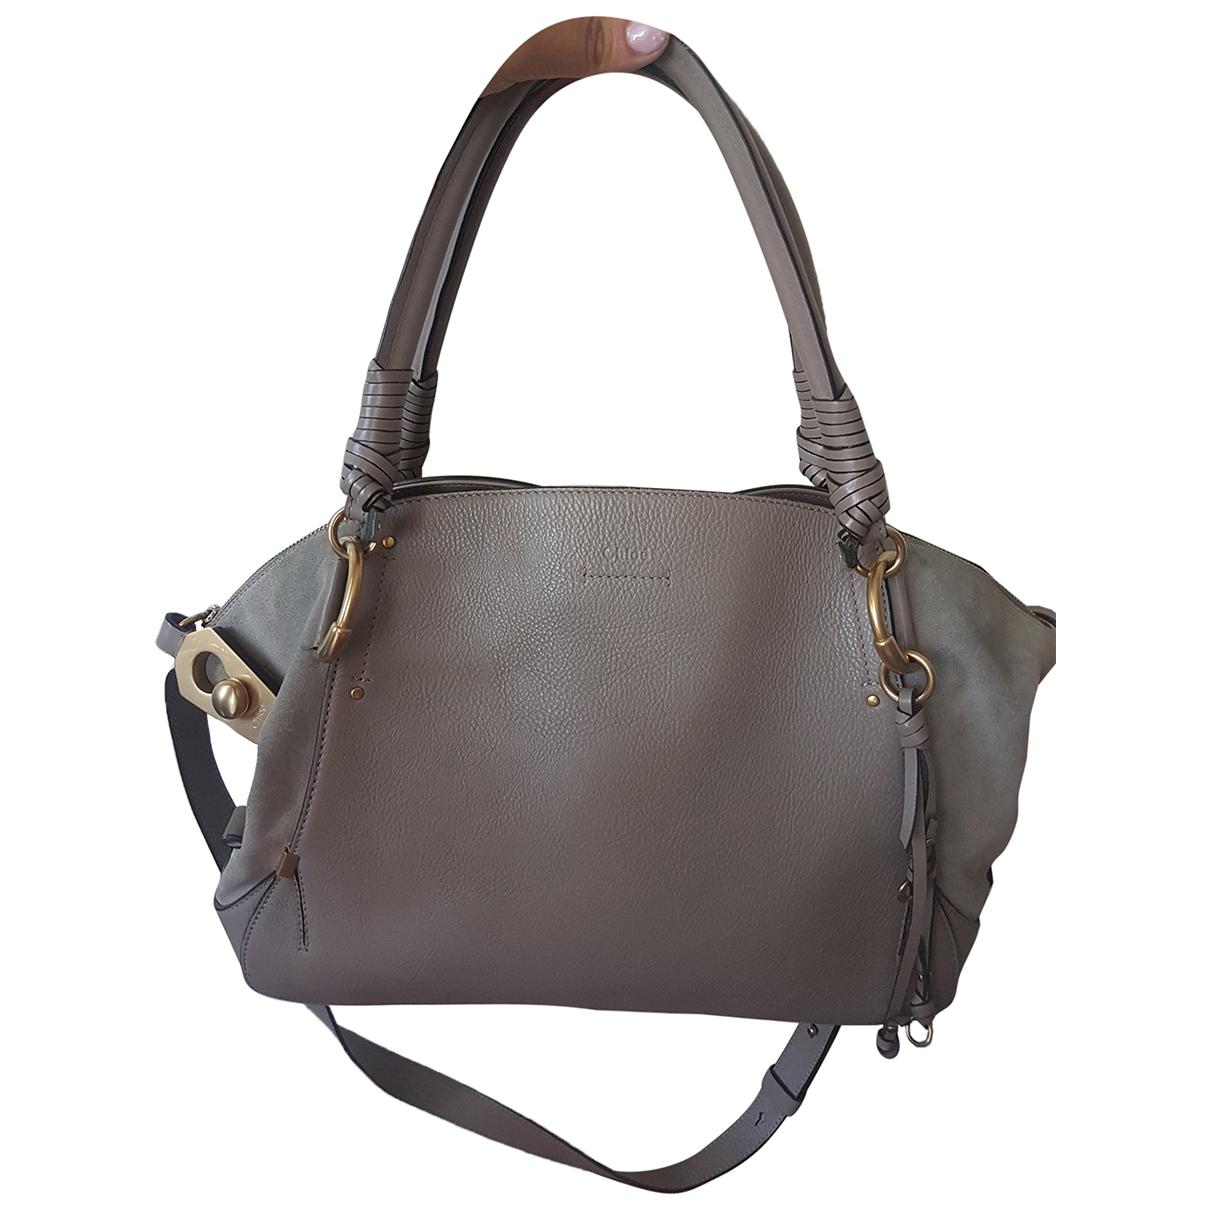 Chloé \N Grey Leather handbag for Women \N